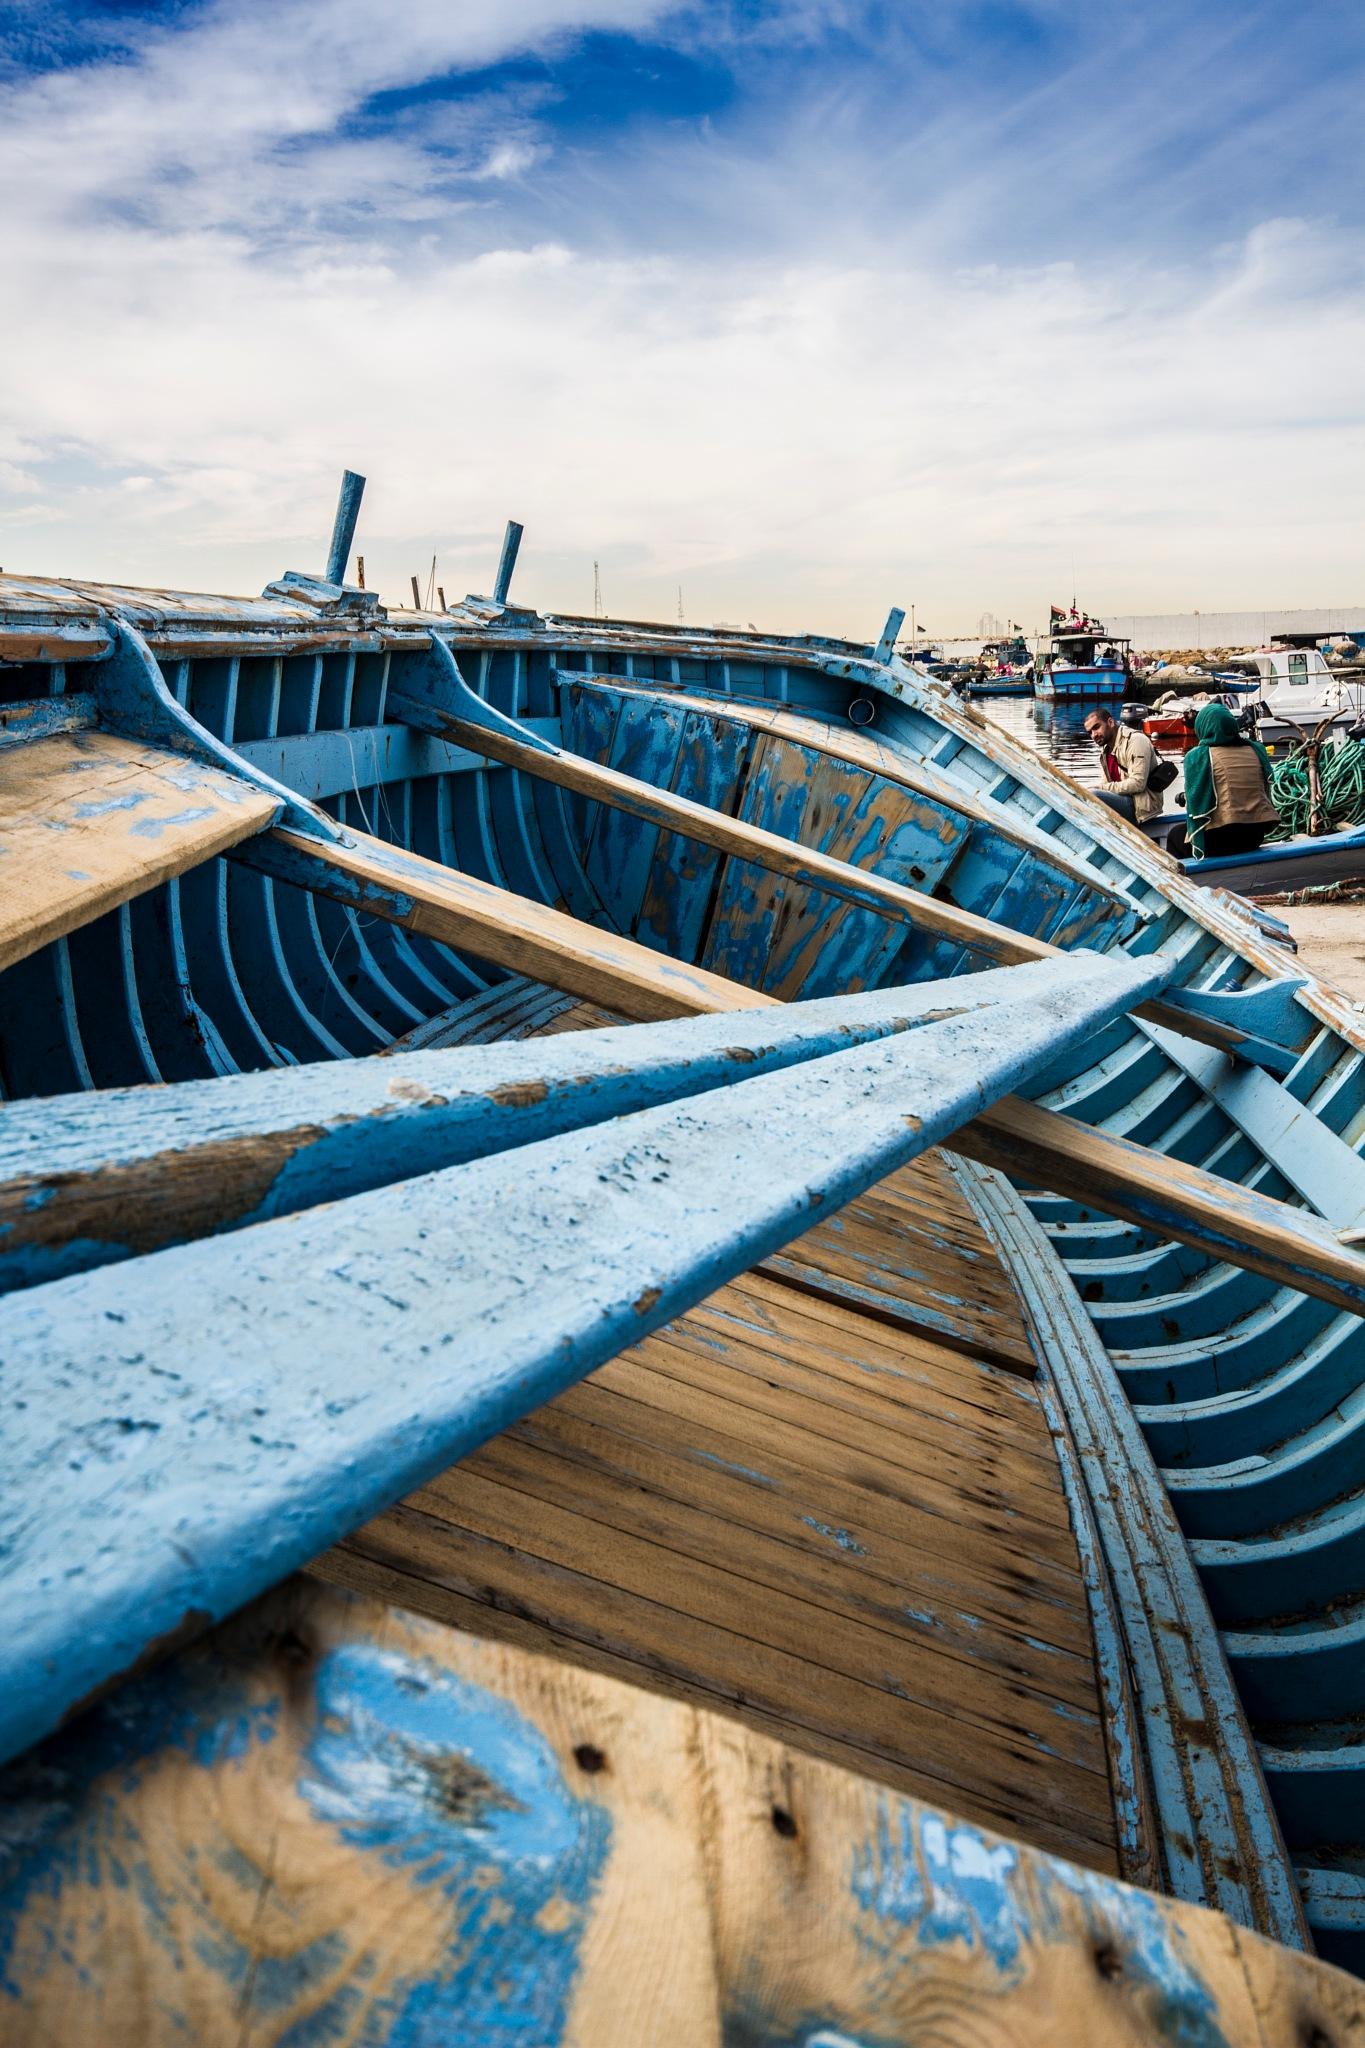 The Blue way by Raowf Porey